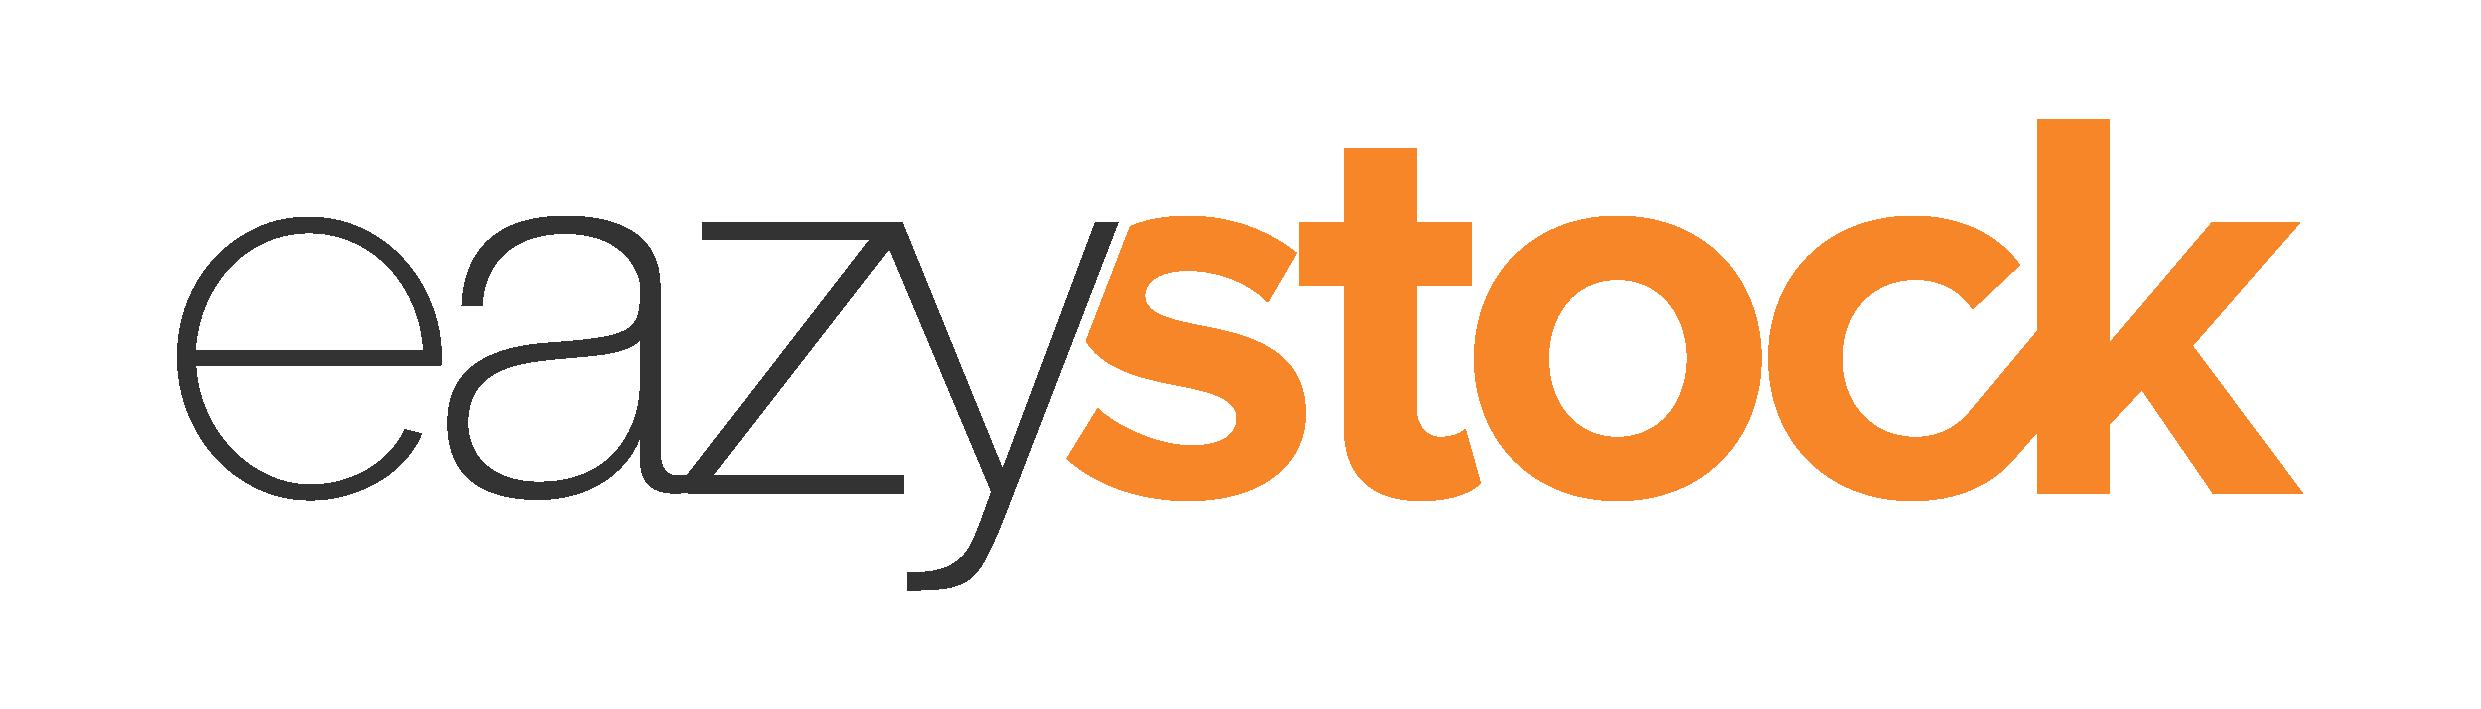 Eazystock hjälper dig sänka lagervärdet och öka servicegraden